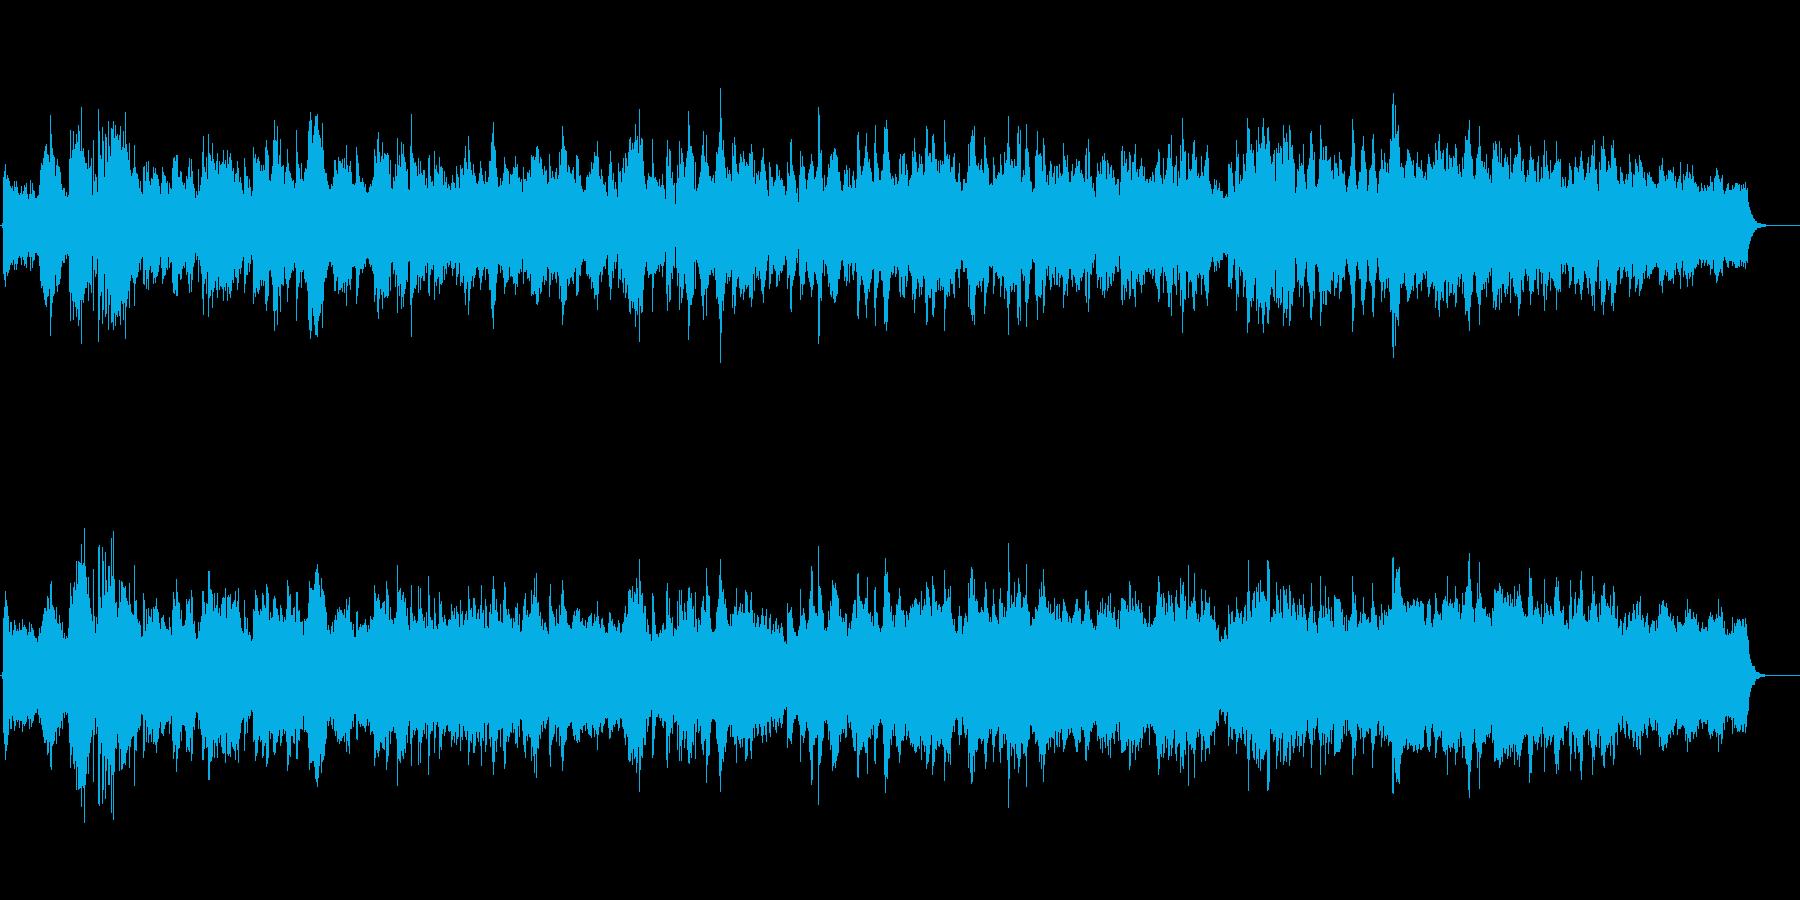 環境音楽(繊細で優雅な感じ)の再生済みの波形